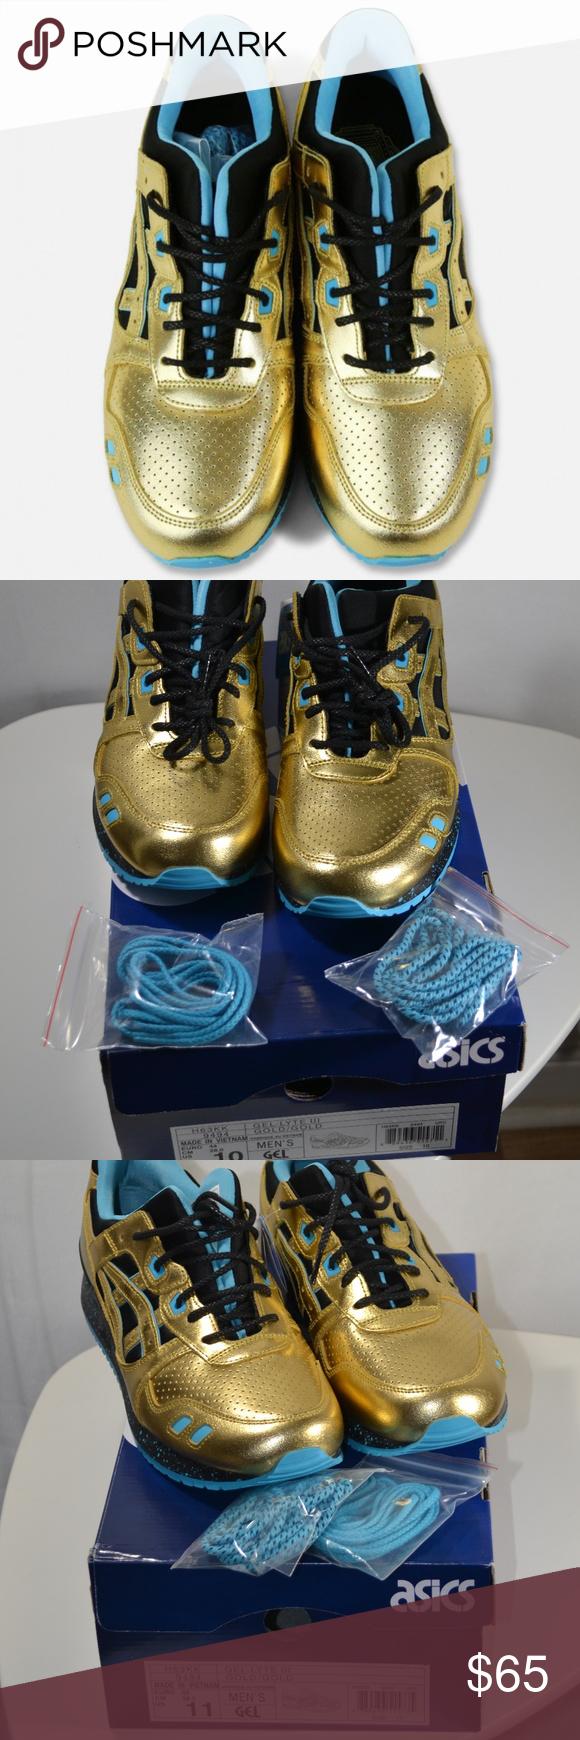 X Wale X Villa Gel Lyte III Shoes Gold